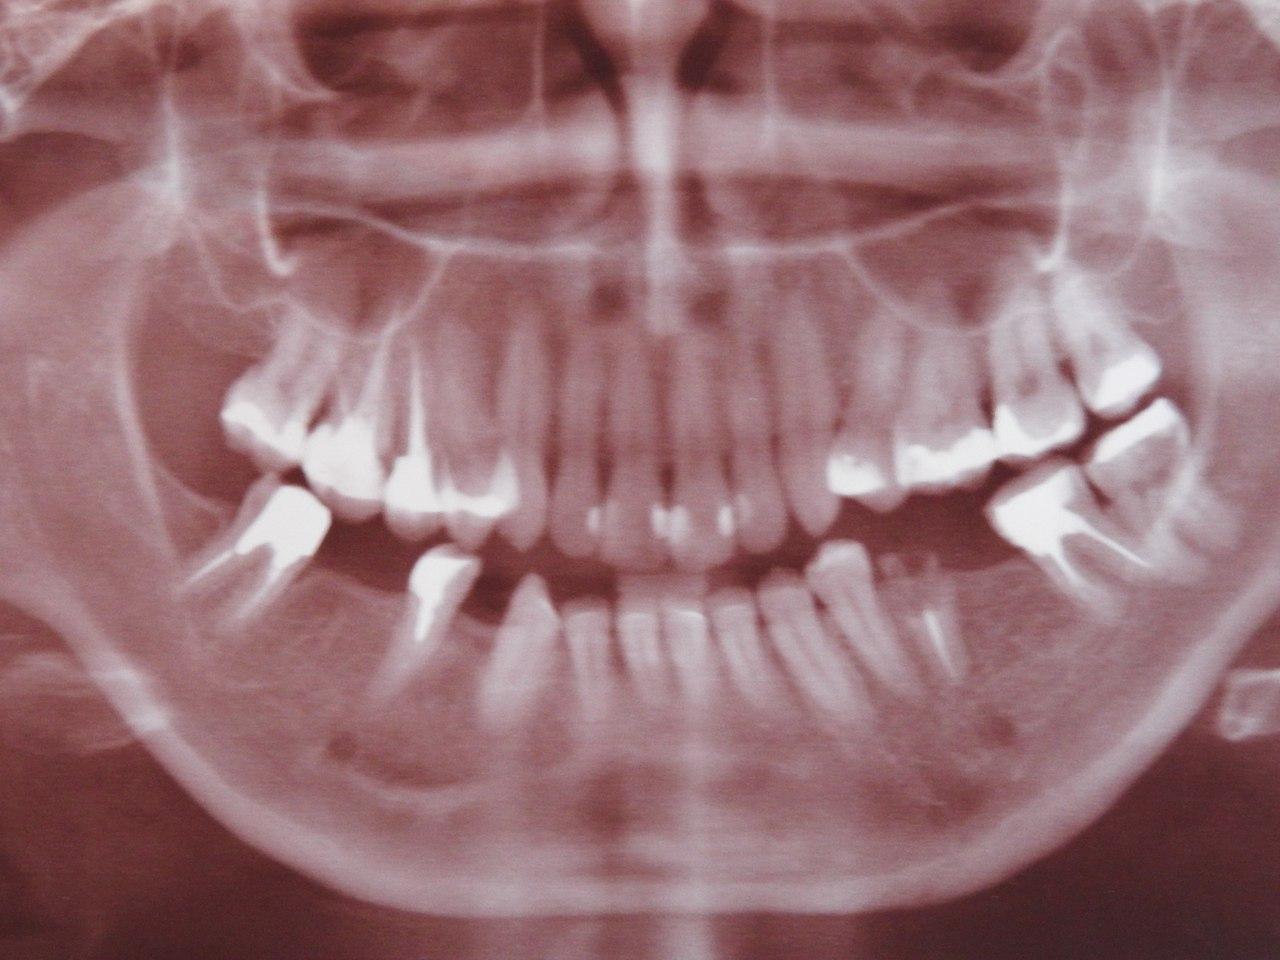 Когда можно есть после операции на зуб